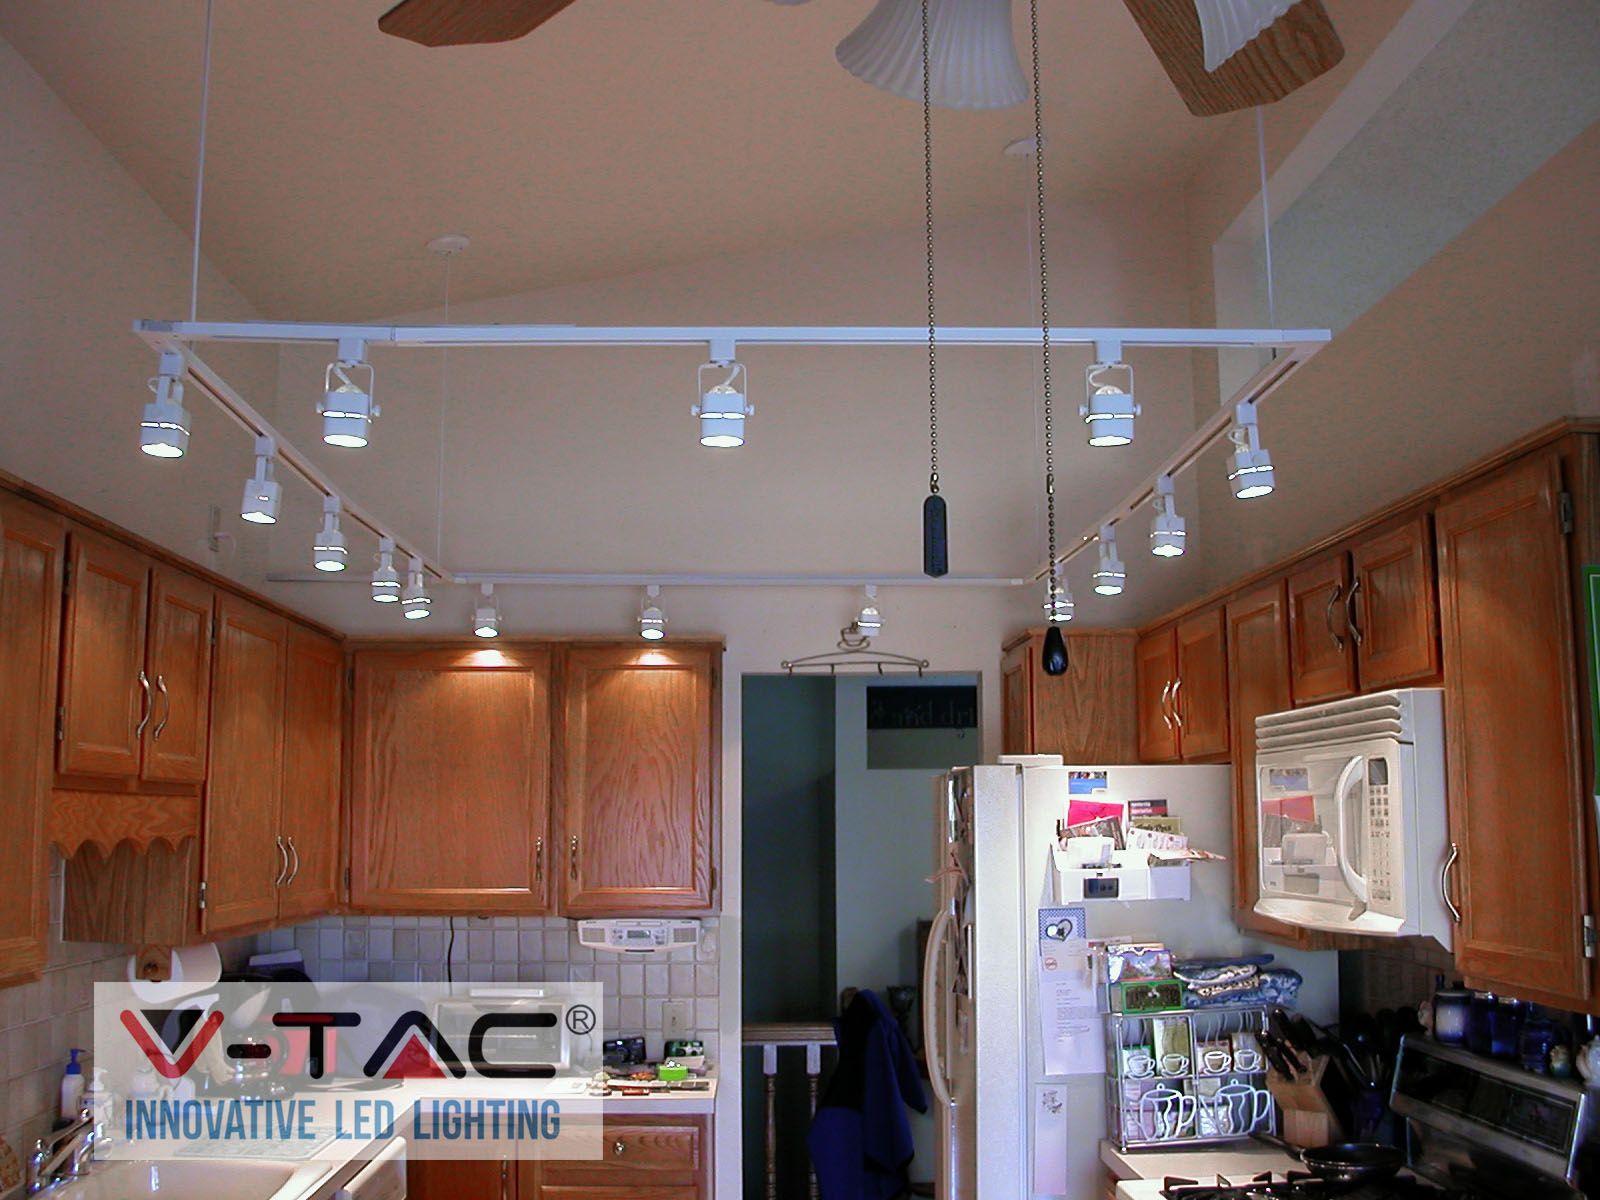 Vtac led track light is modern versatile and e028d91ca34ae9629c9f66b8d1fe221bg aloadofball Choice Image